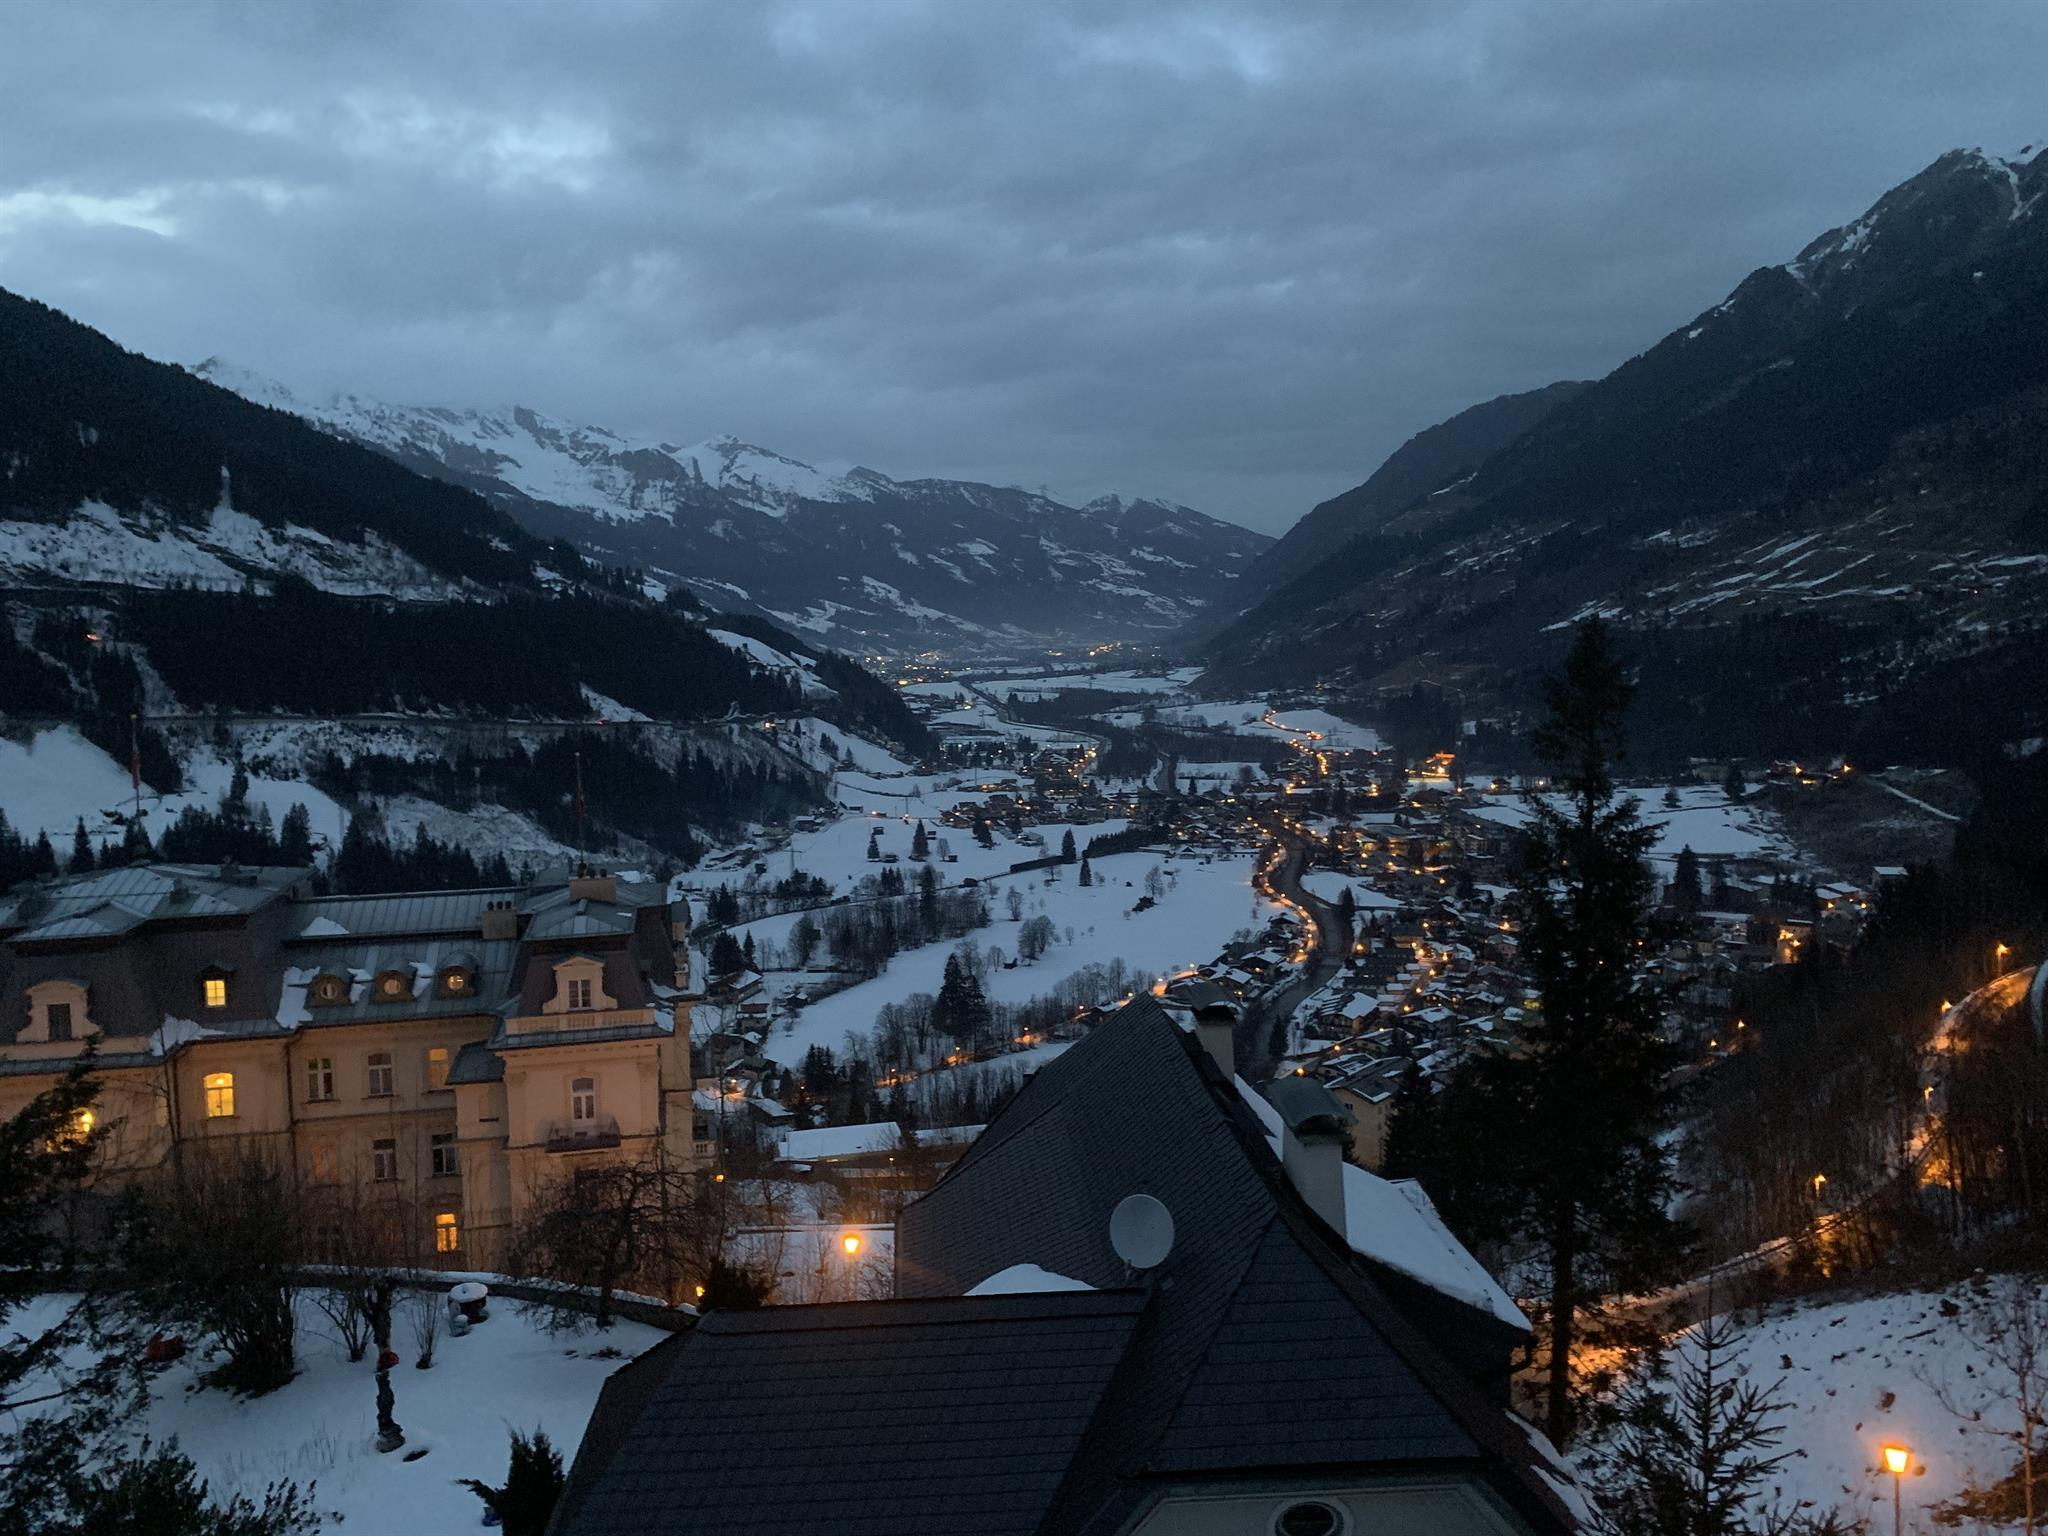 Reise von Bad Gastein nach Wien ab 19,00 | berblick